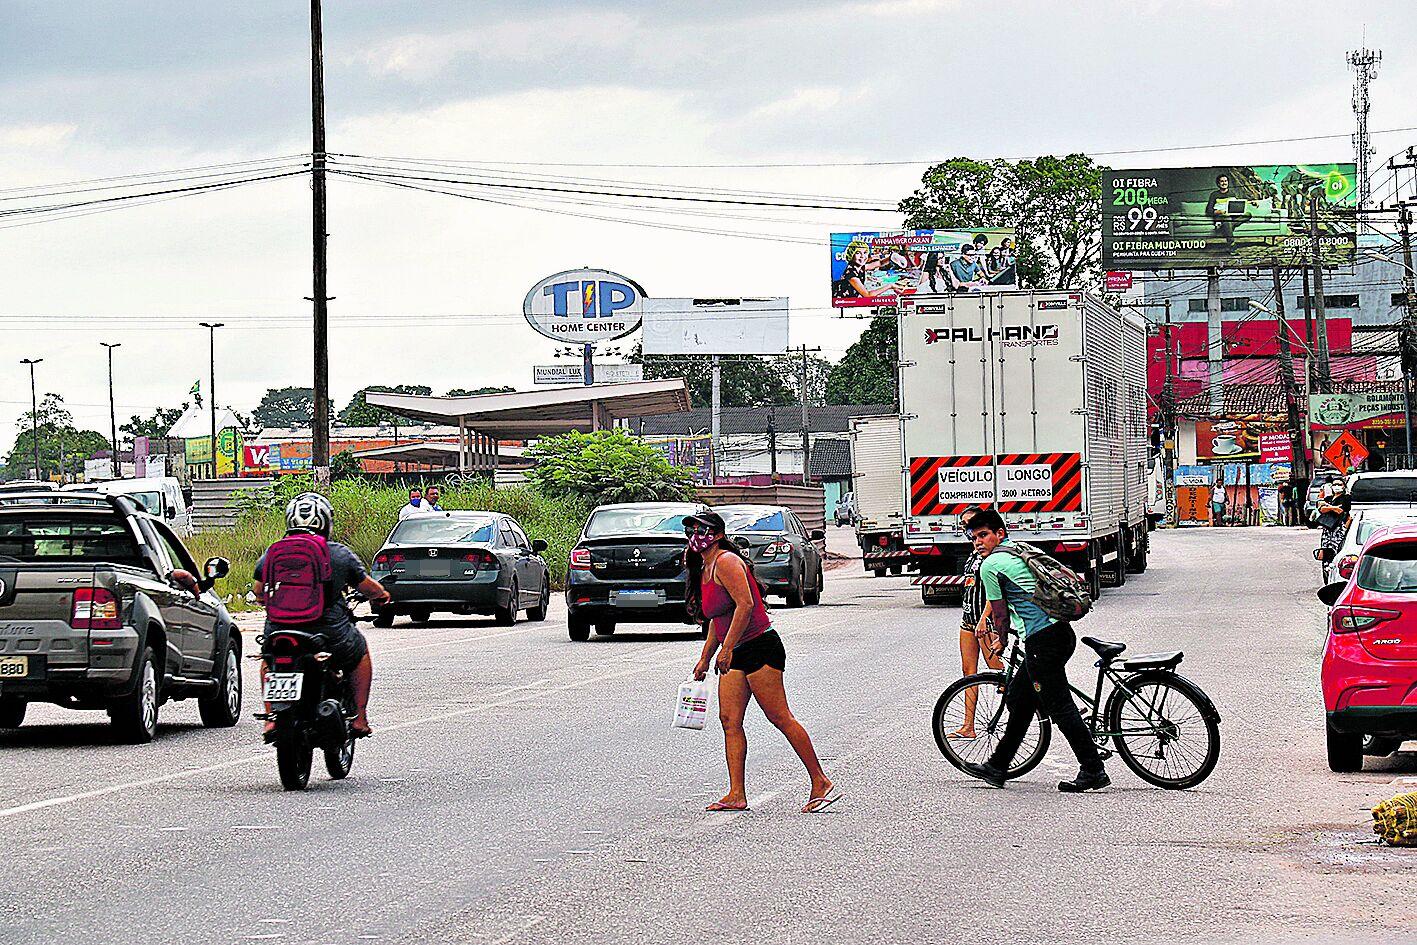 O fluxo de pessoas é mais intenso devido ao comércio local